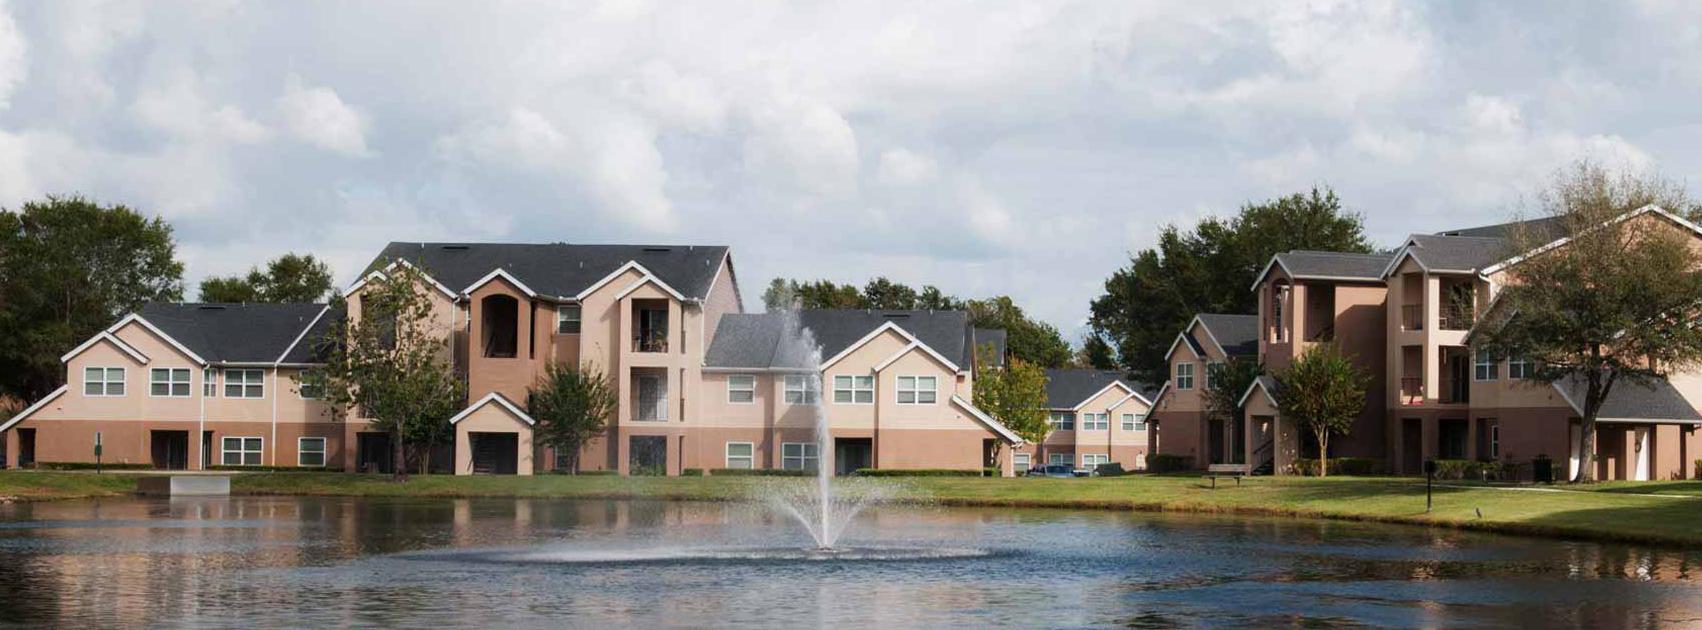 River Park Apartments